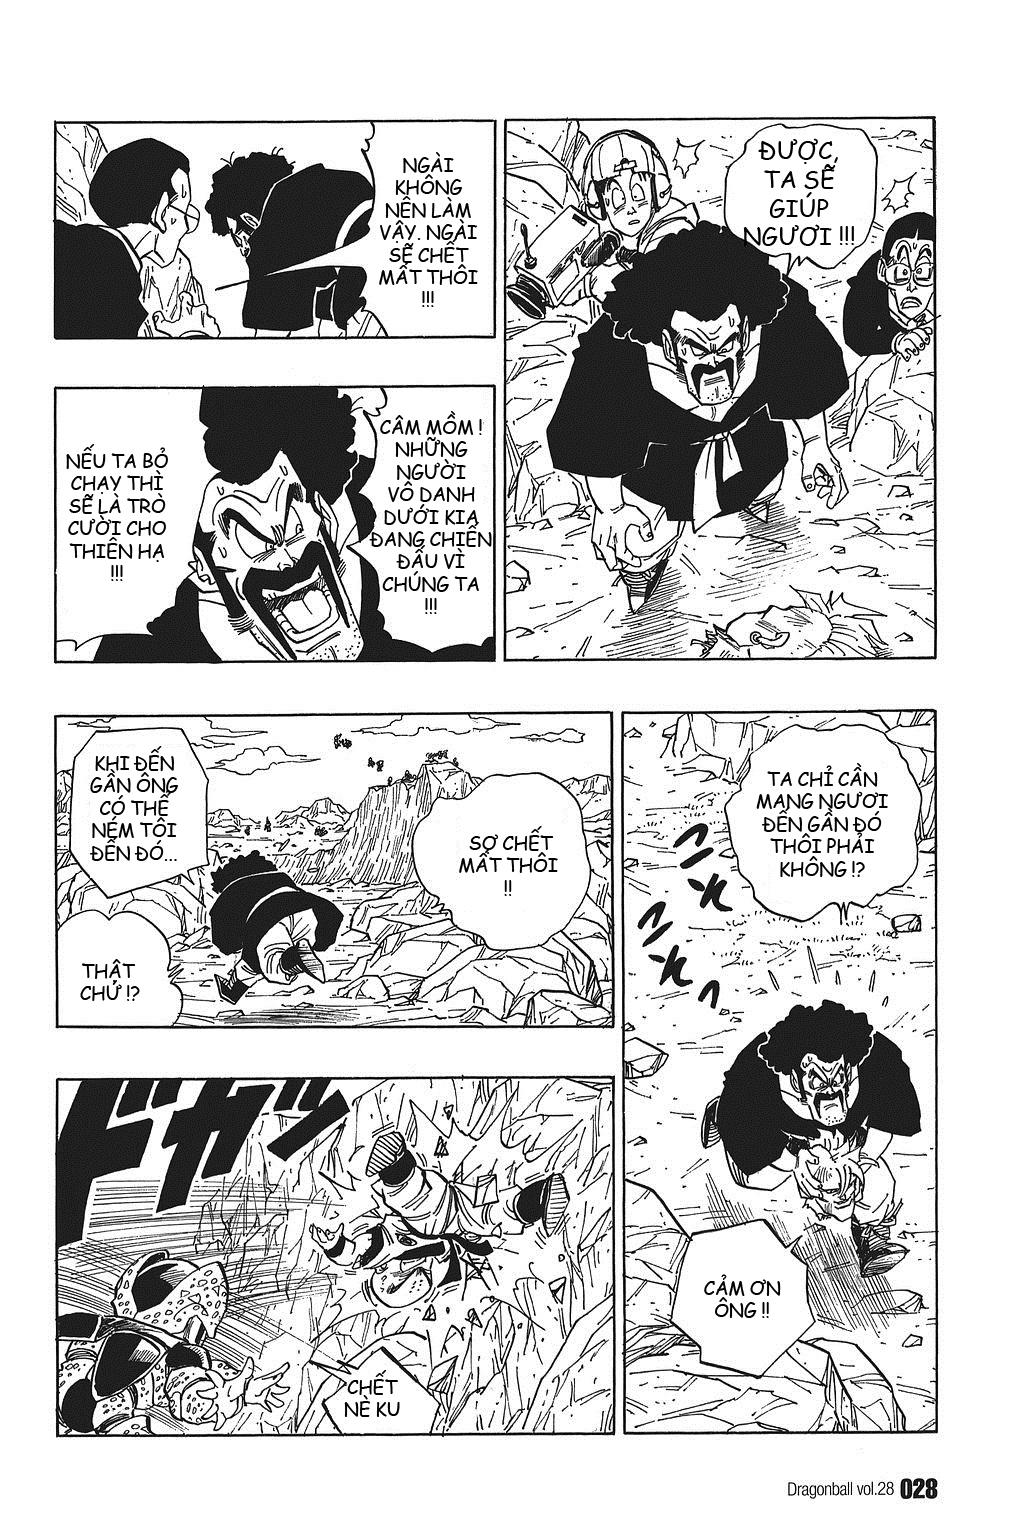 xem truyen moi - Dragon Ball Bản Vip - Bản Đẹp Nguyên Gốc Chap 407